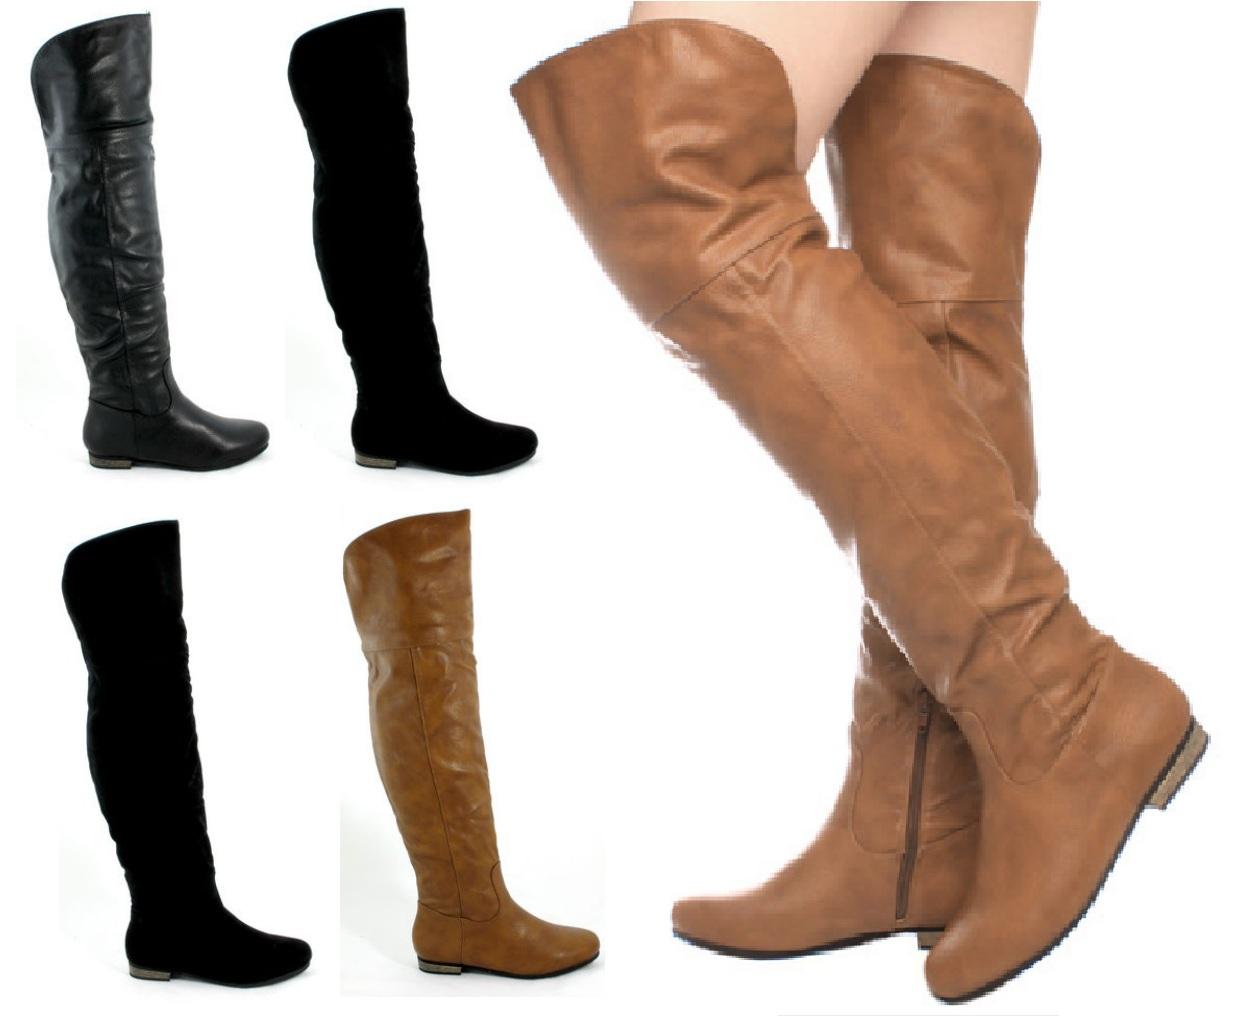 bottes hautes bon march et plus la taille de la cuisse